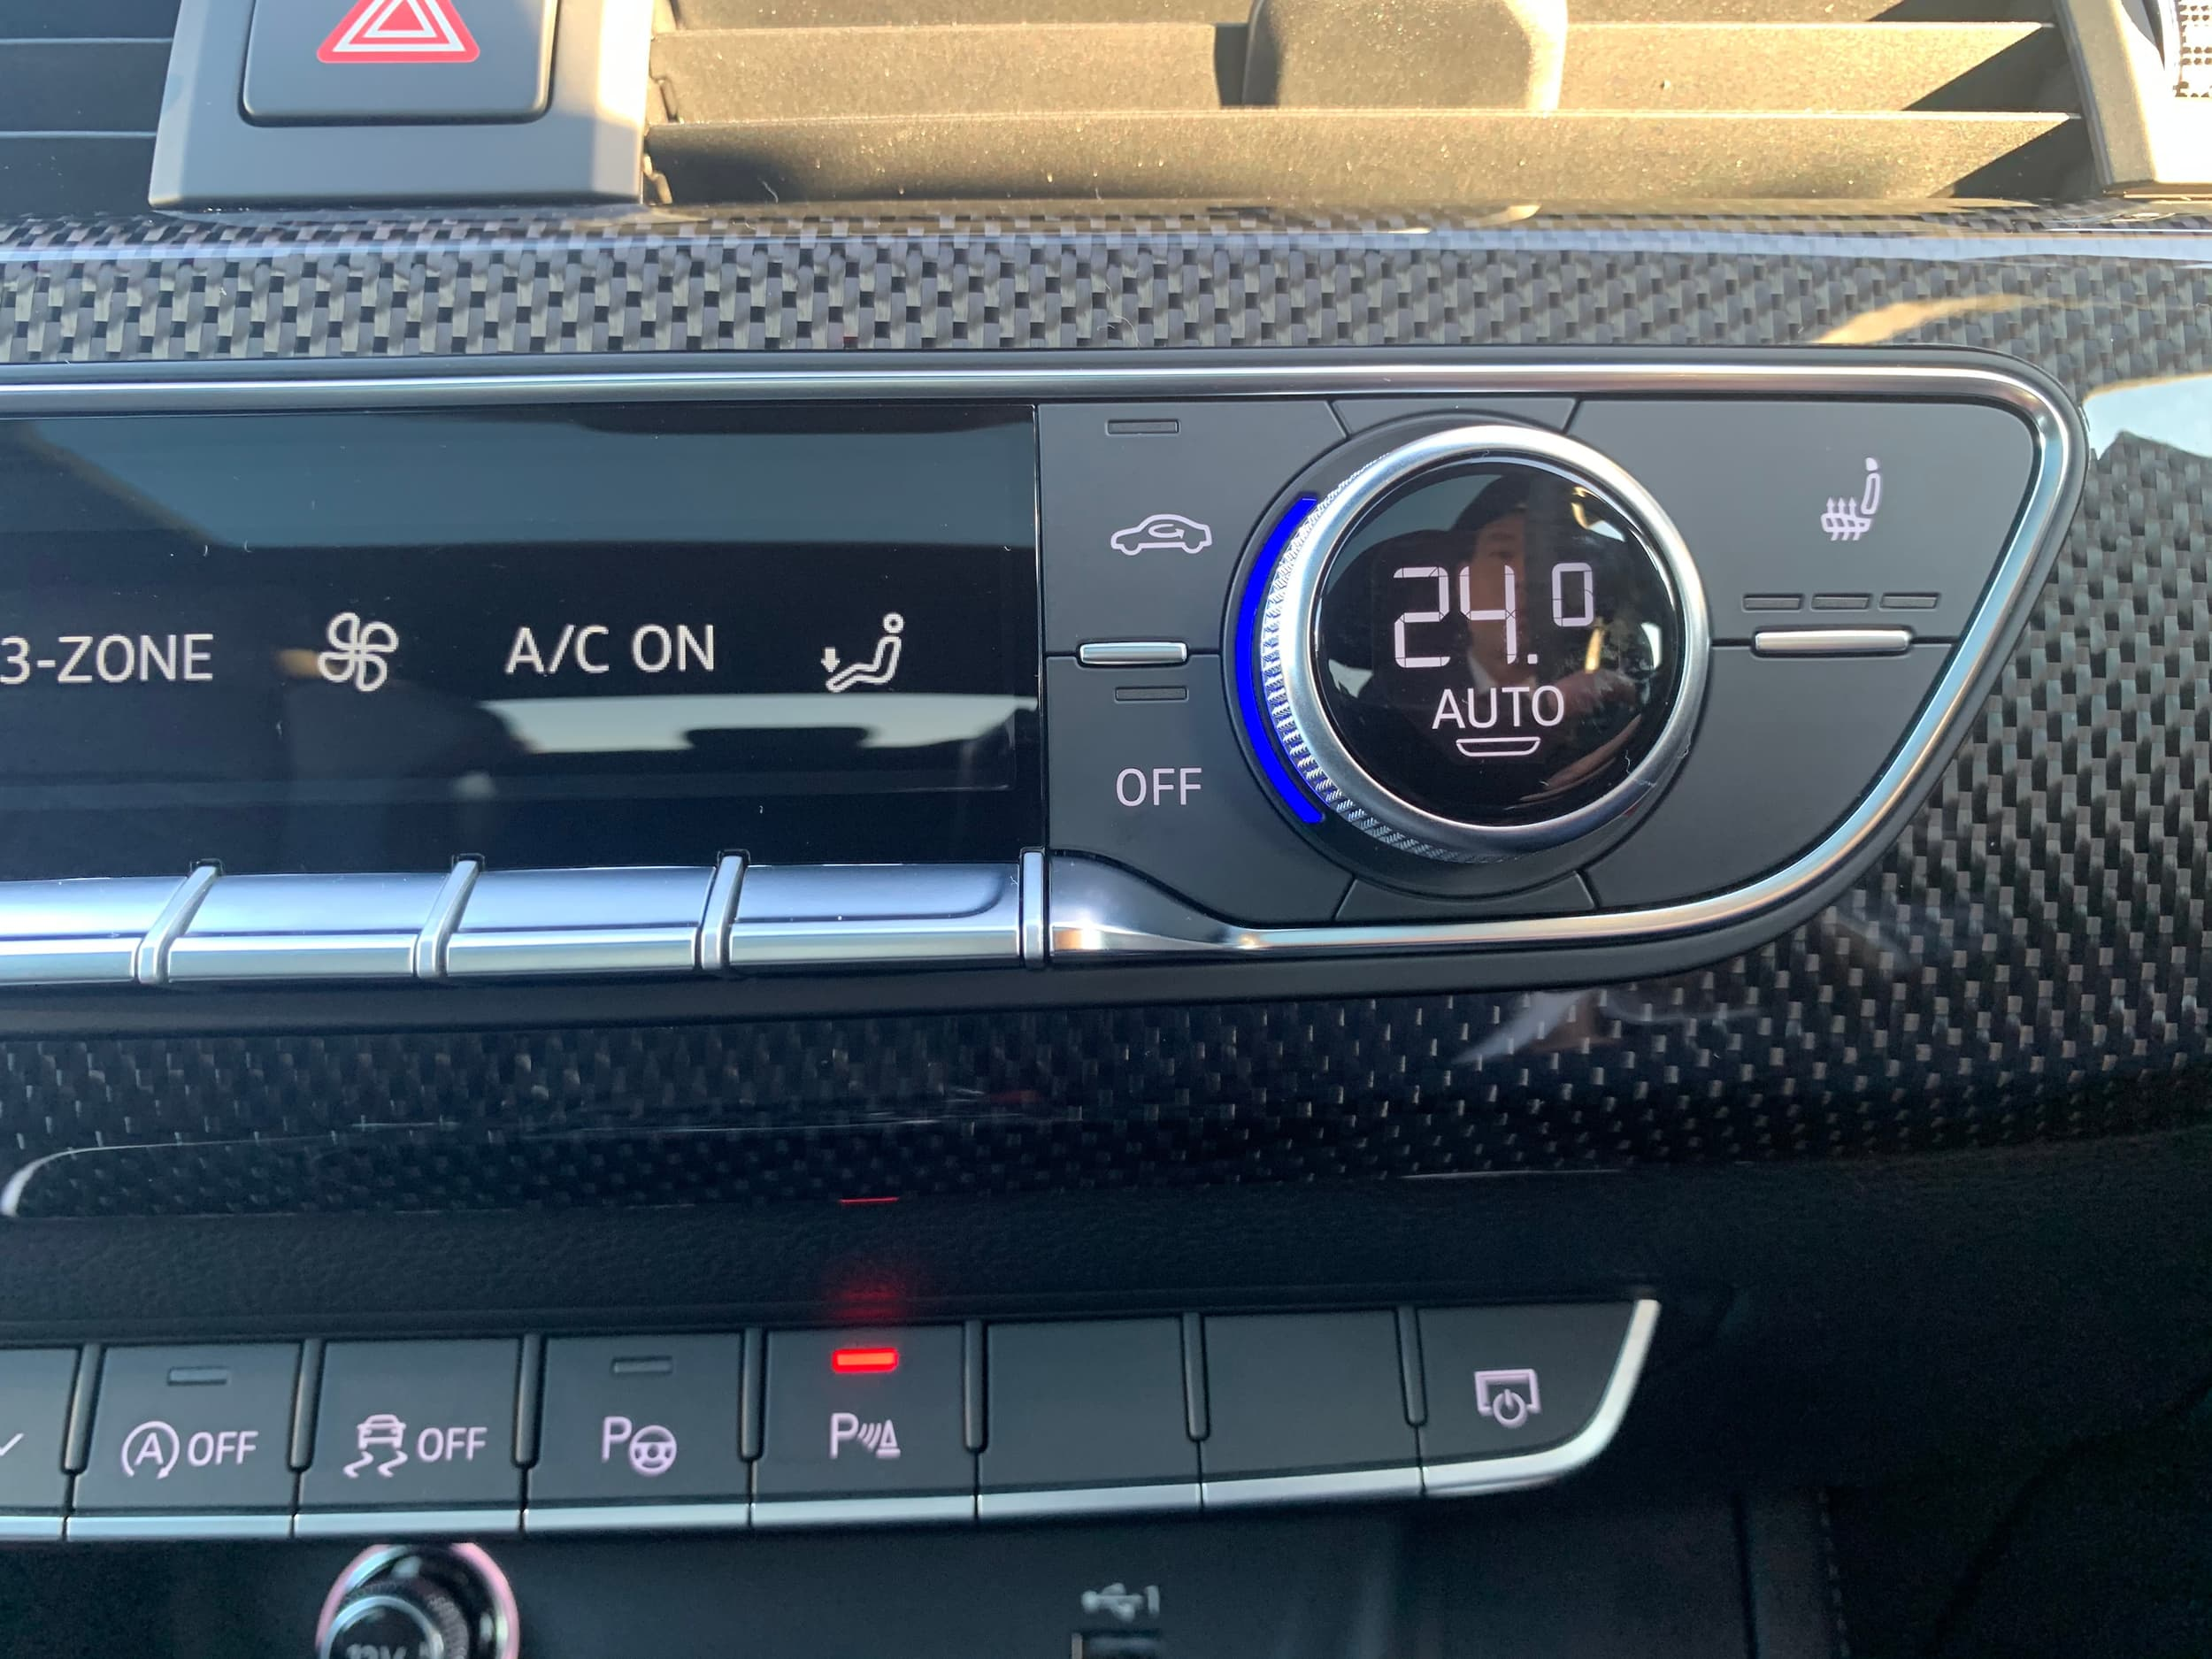 2019 Audi S5 Auto quattro MY19 - image 26